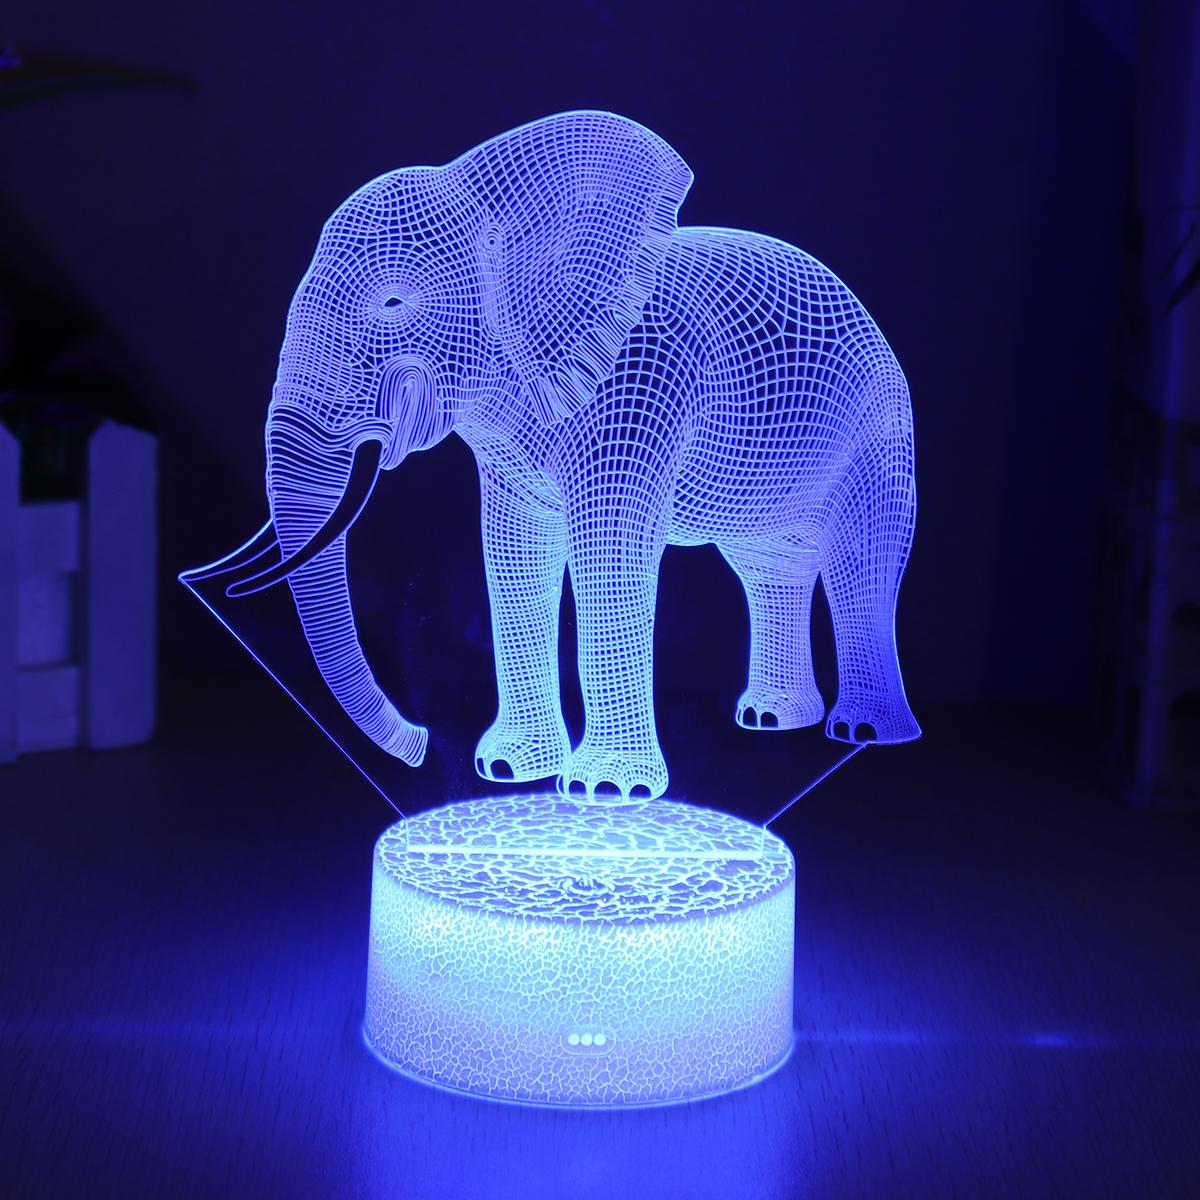 СлонМодельДистанционноеУправлениеСенсорныйВыключатель 3D Акрил LED 7/16 Цвета цветful Свет Рождественские Подарочные Украшения